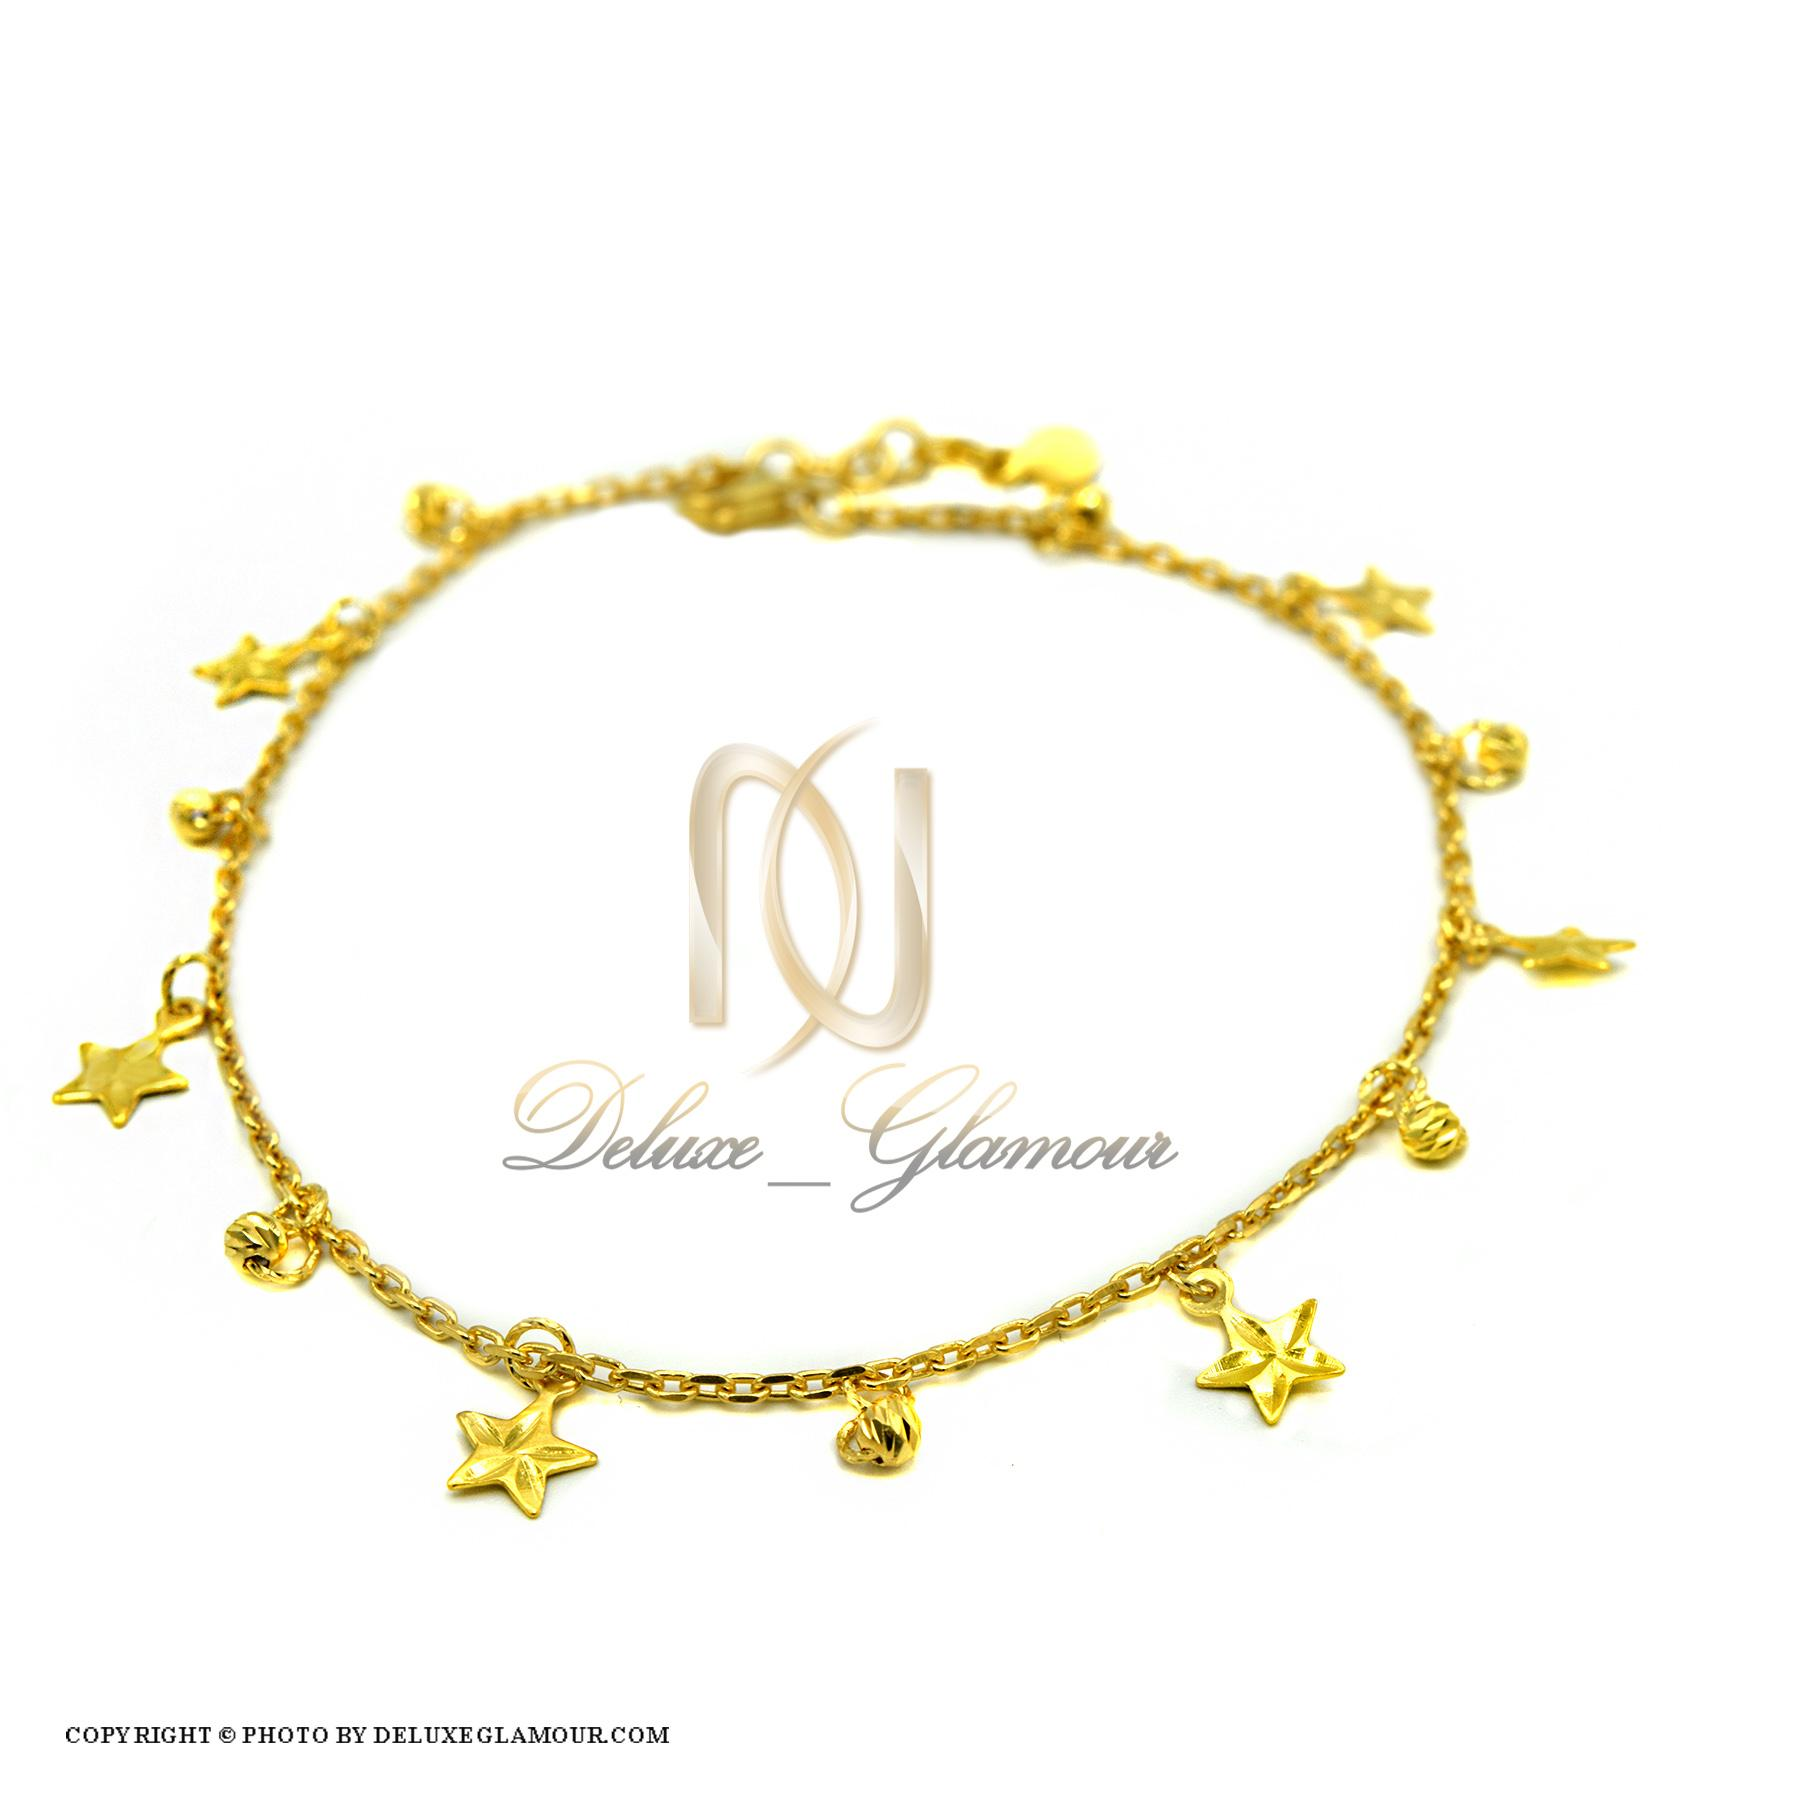 پابند دخترانه نقره طرح ستاره pa-n124 از نمای سفید